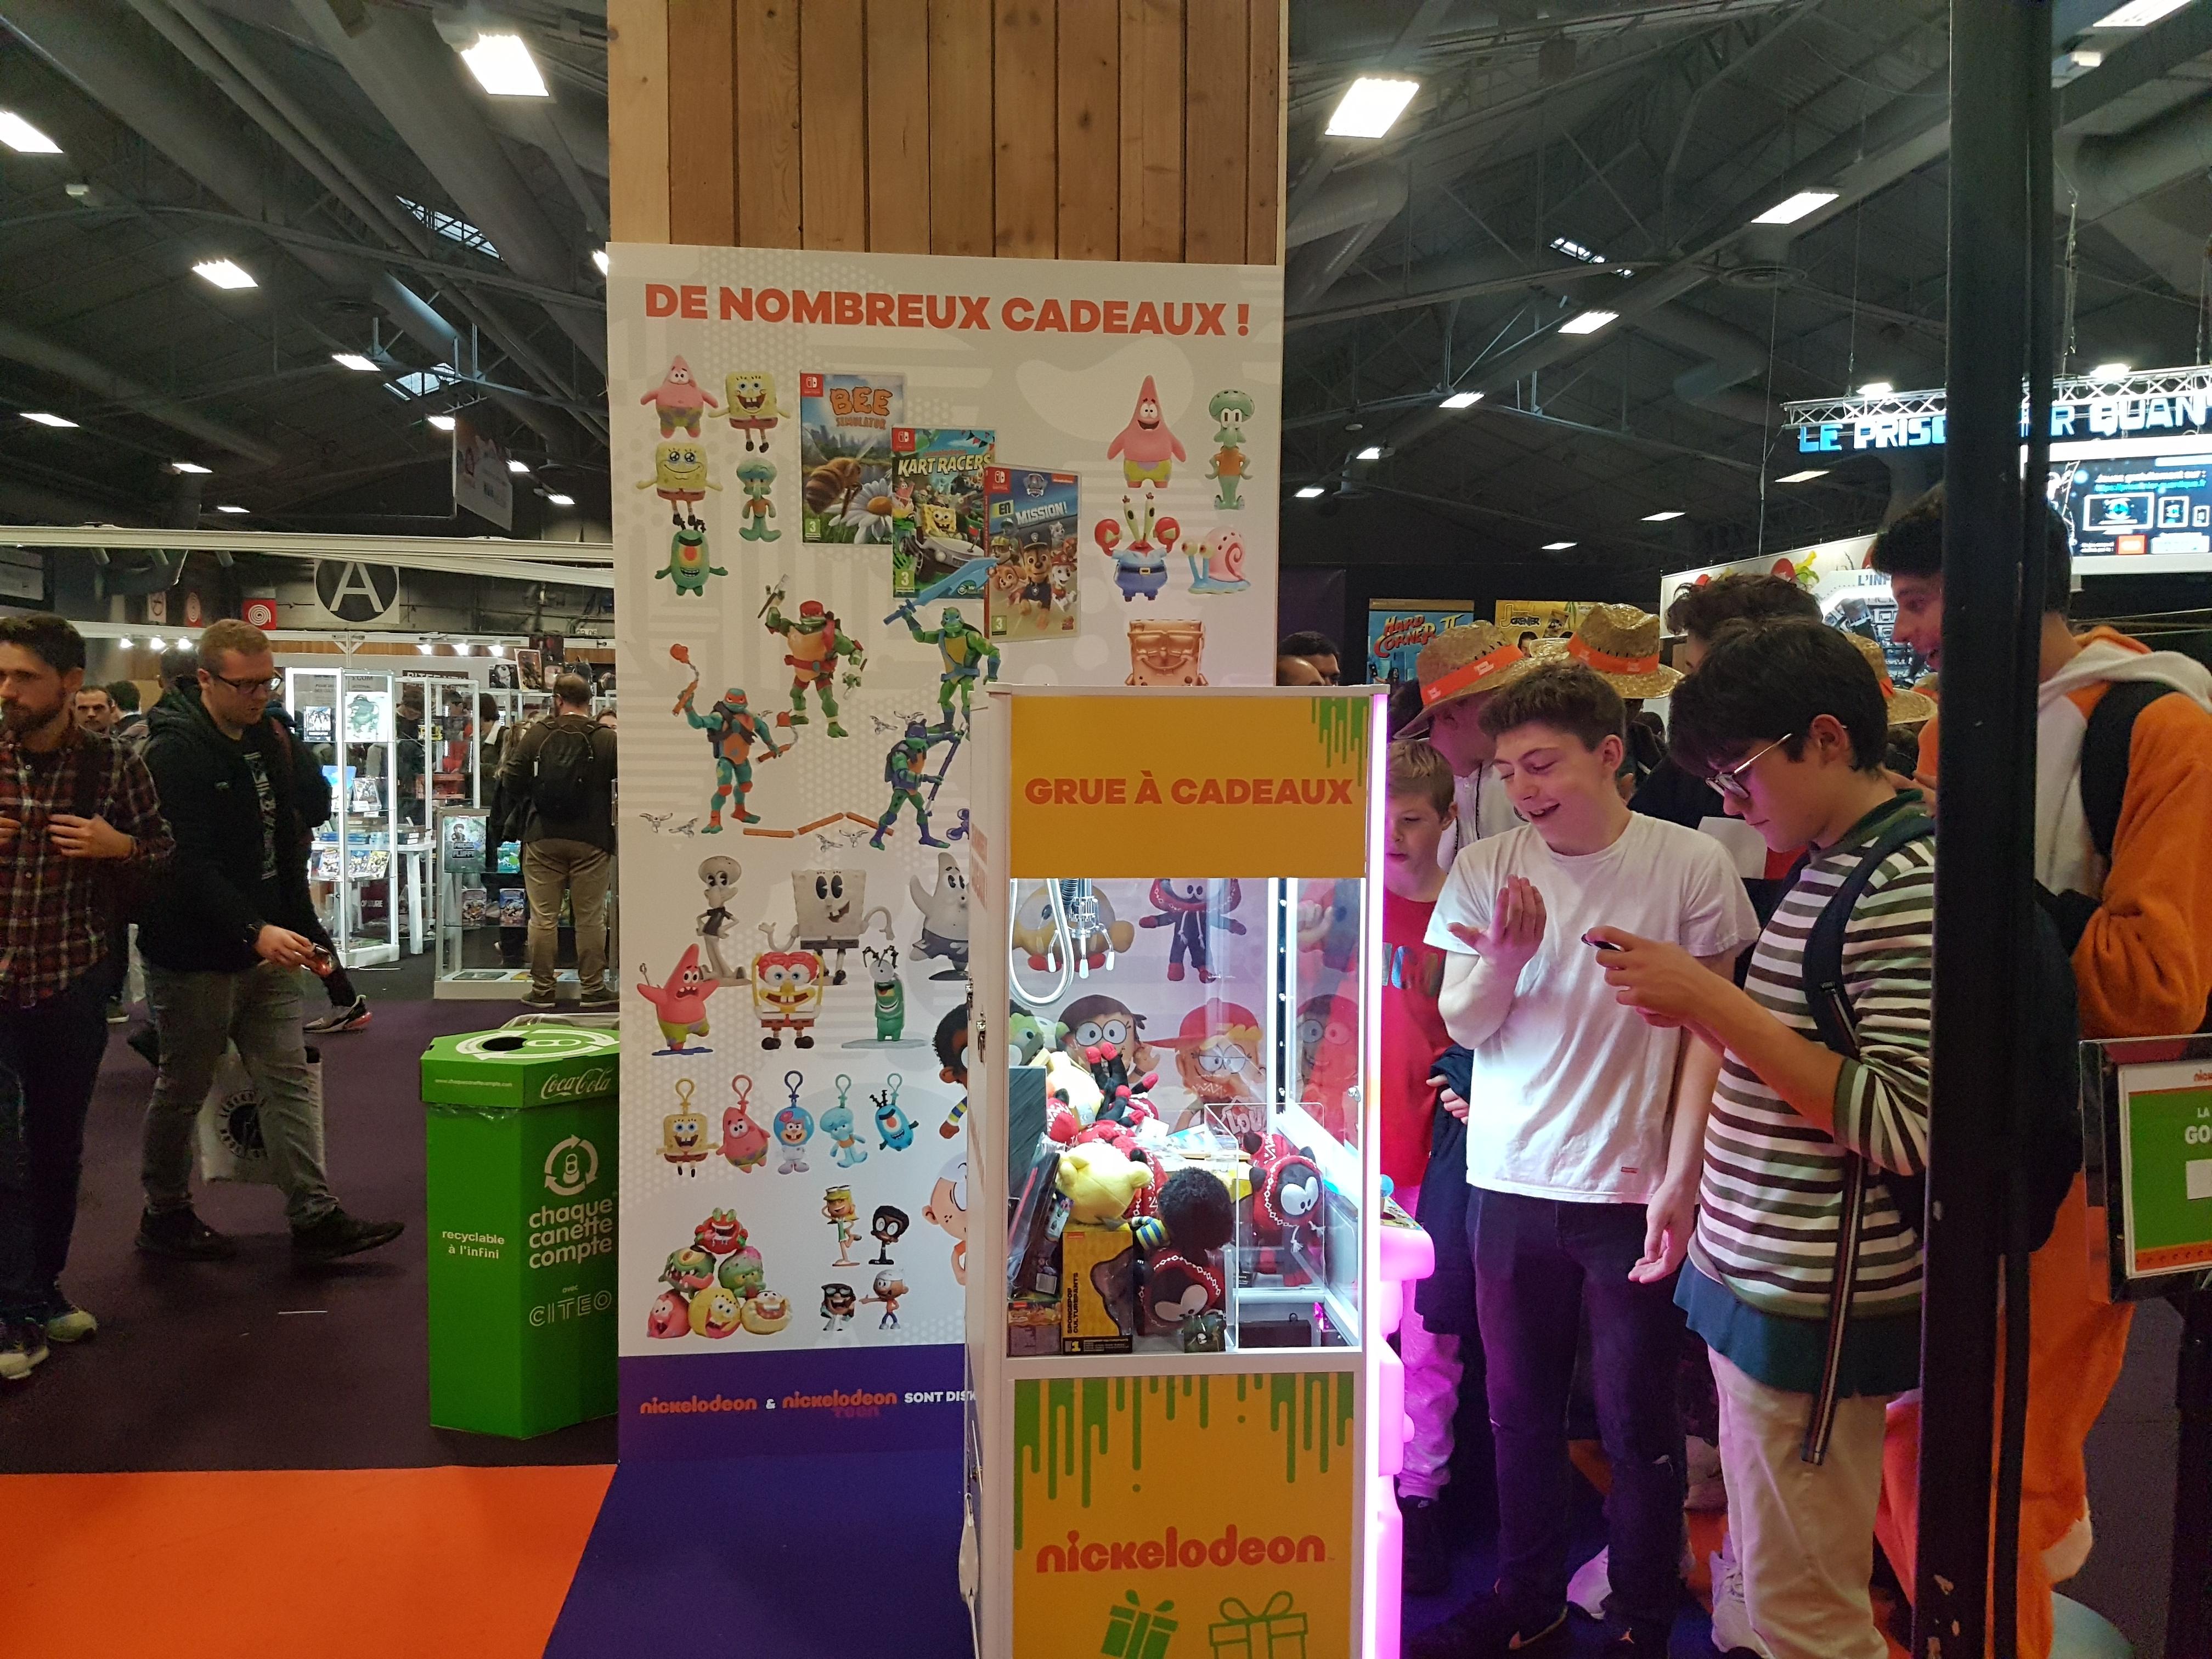 Nickelodeon_5